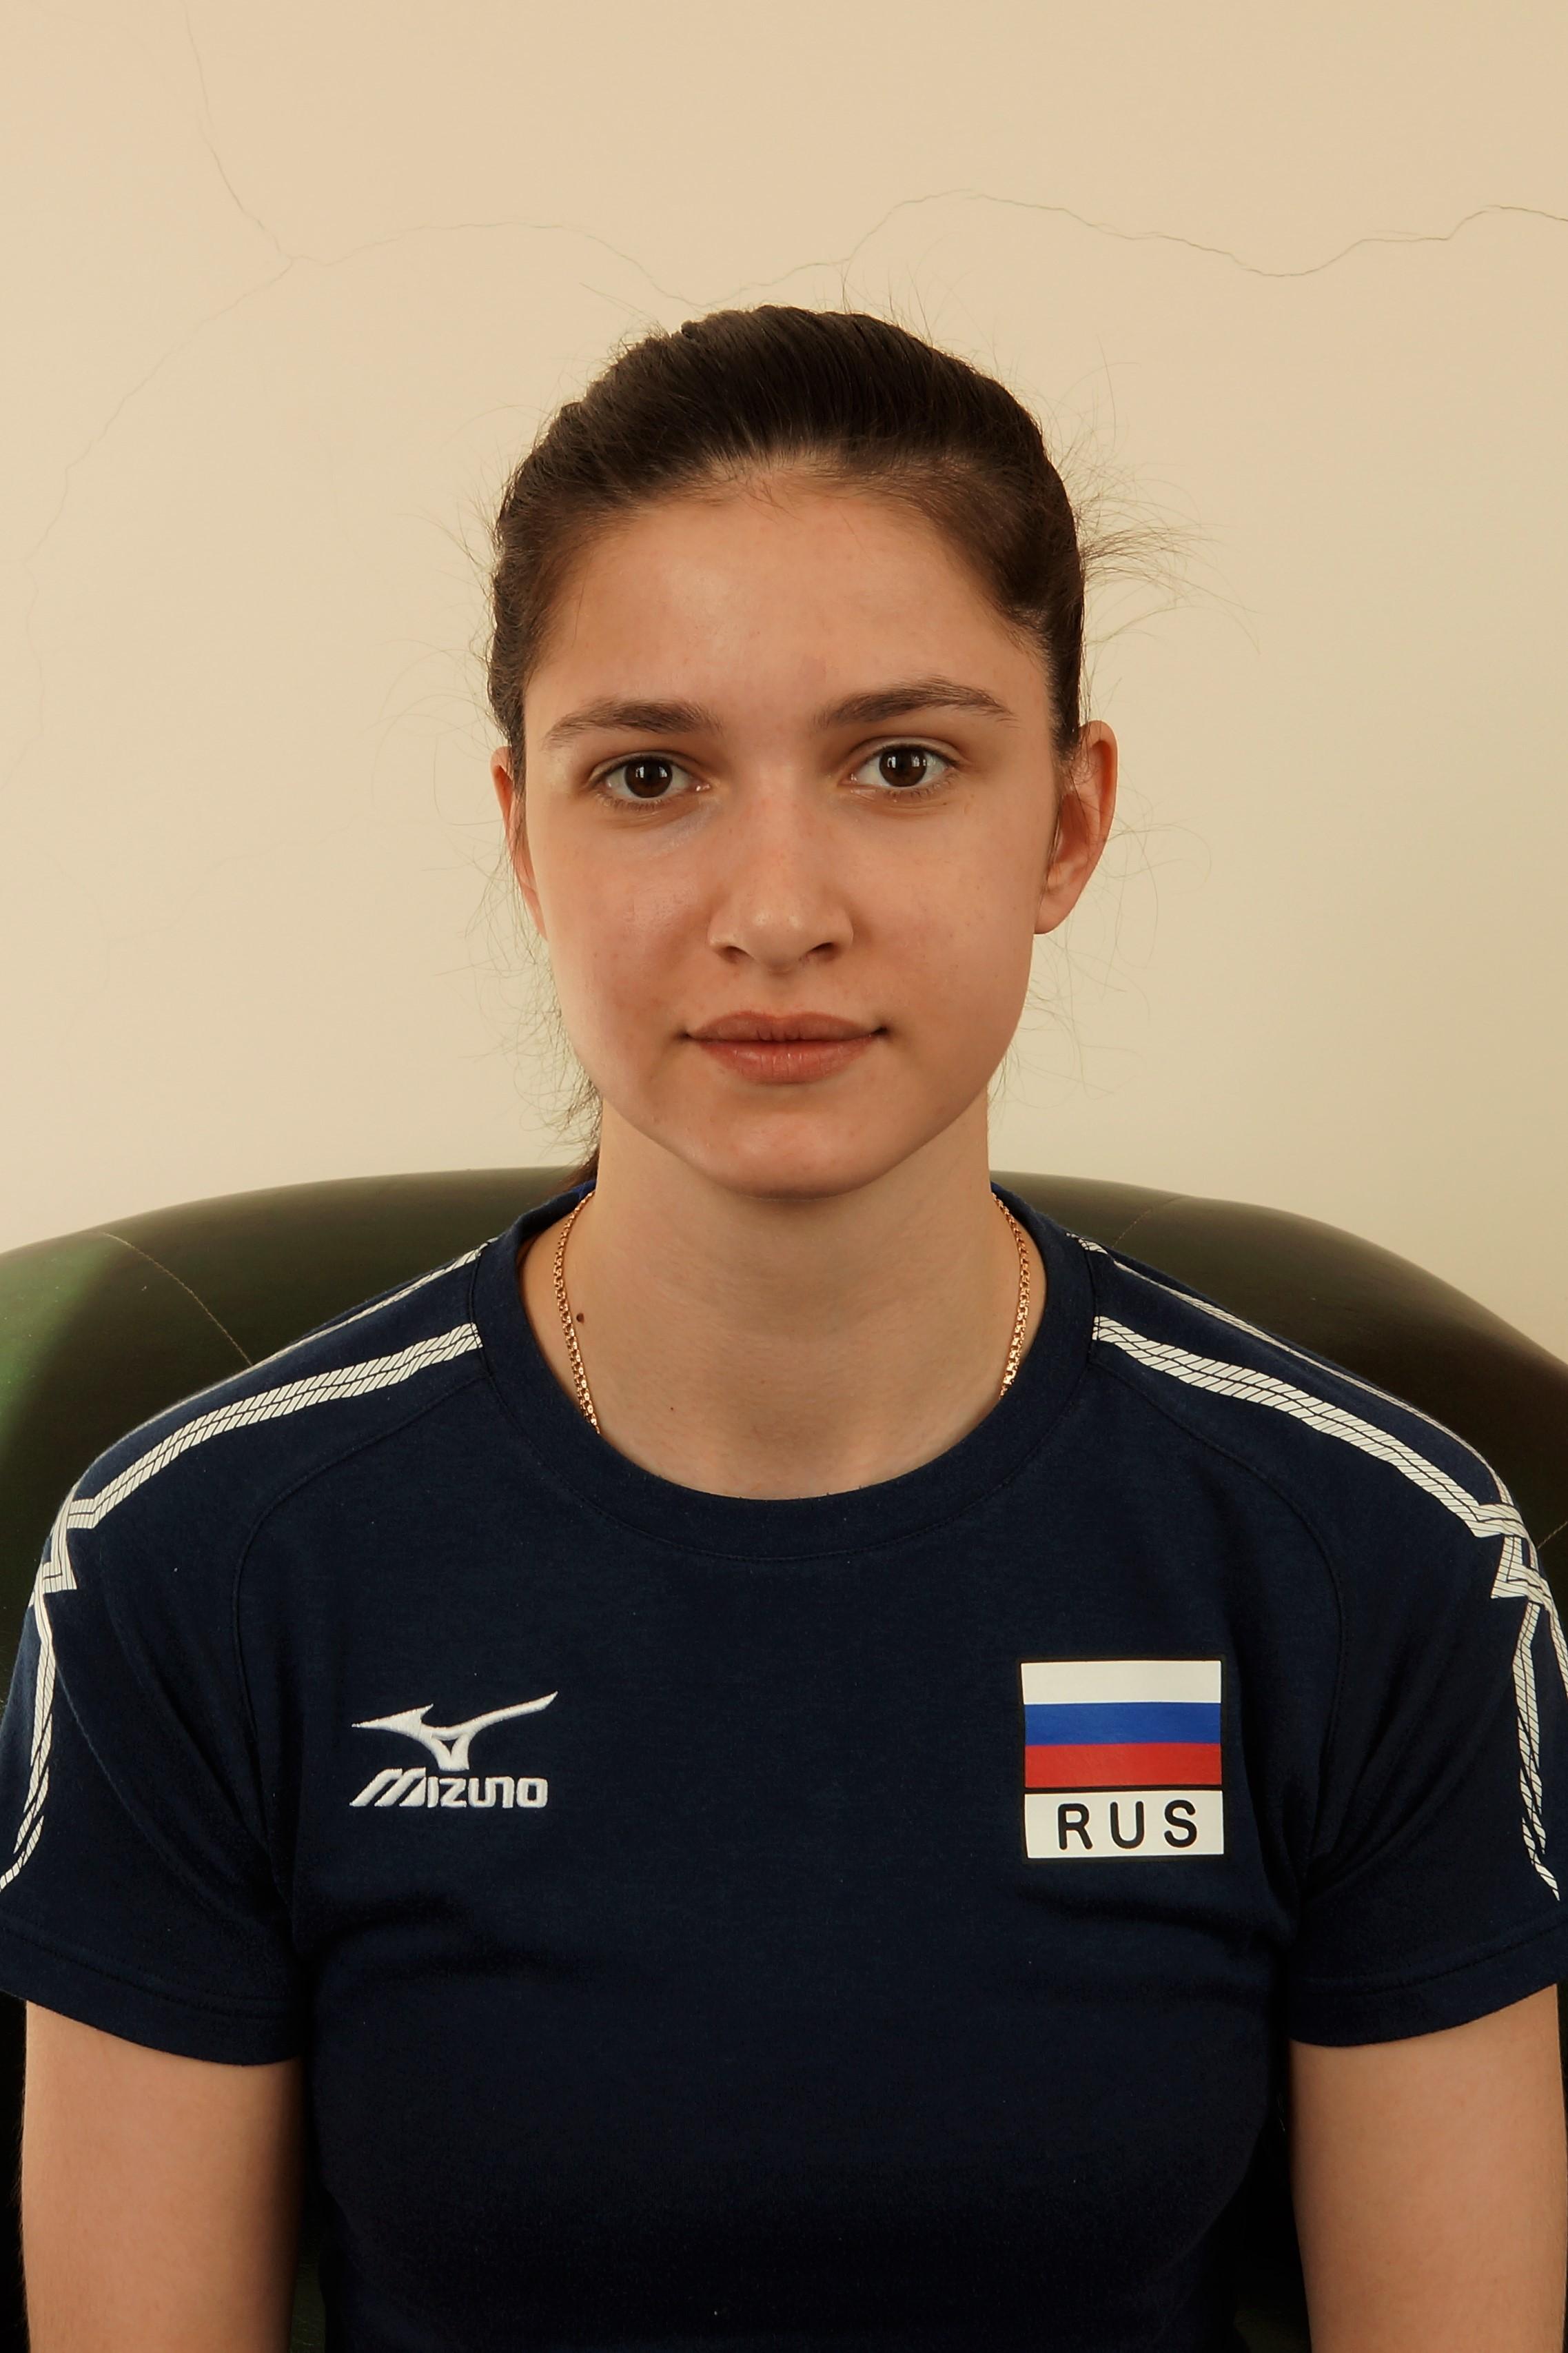 Victoriia Russu